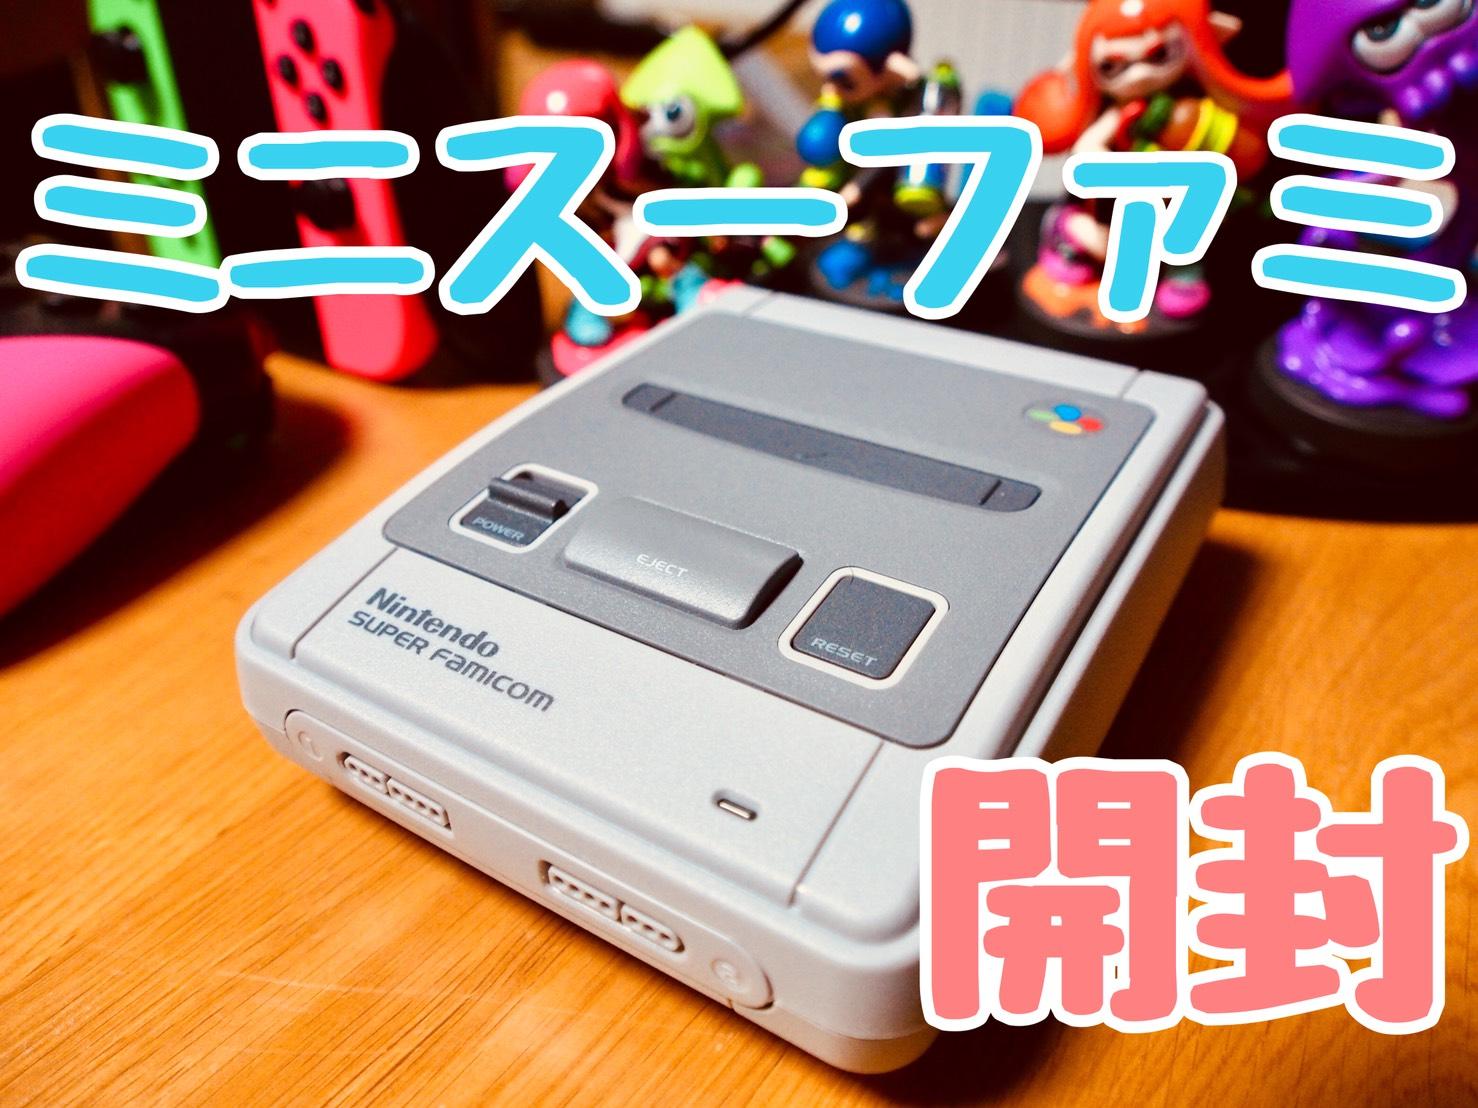 【ゲーム】ニンテンドークラシックミニ スーパーファミコン開封!旅行のおともに良さげ